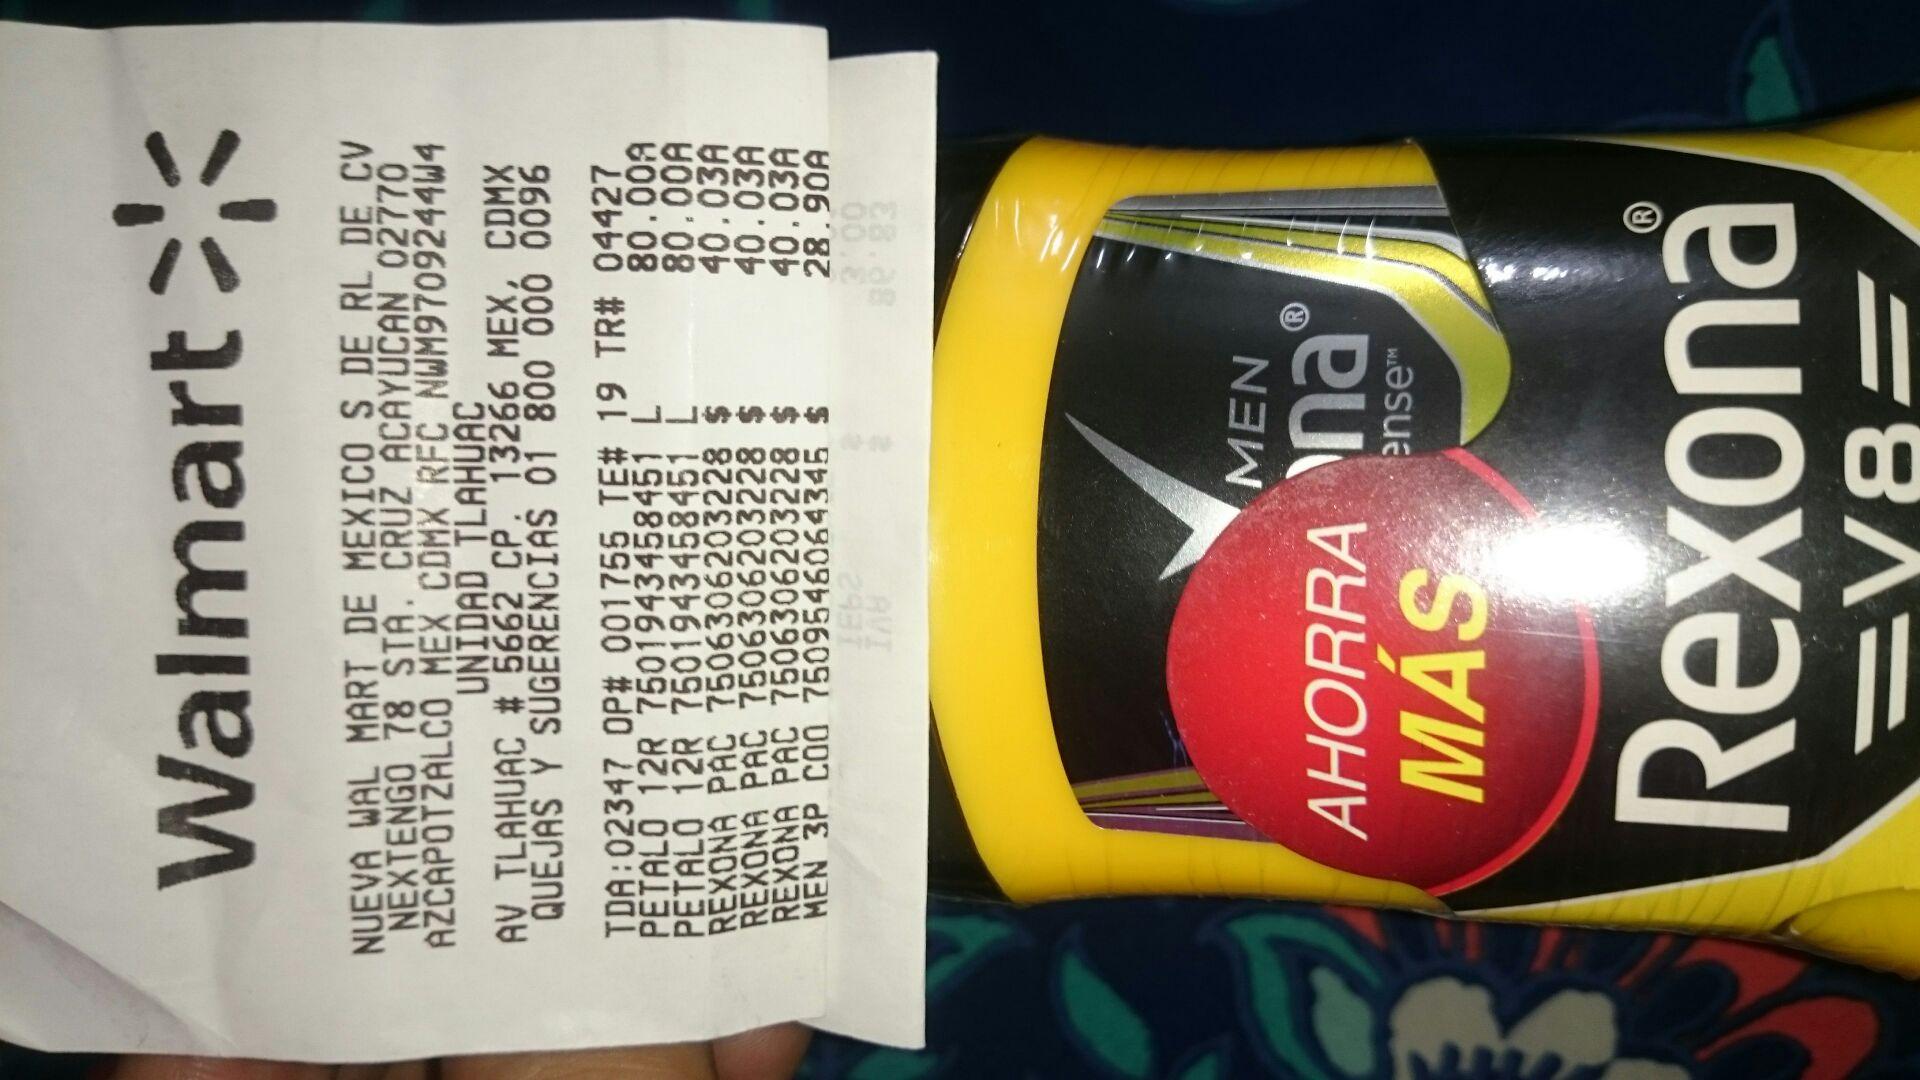 Walmart Los Olivos: 3pack antitranspirante rexona v8 $40.03